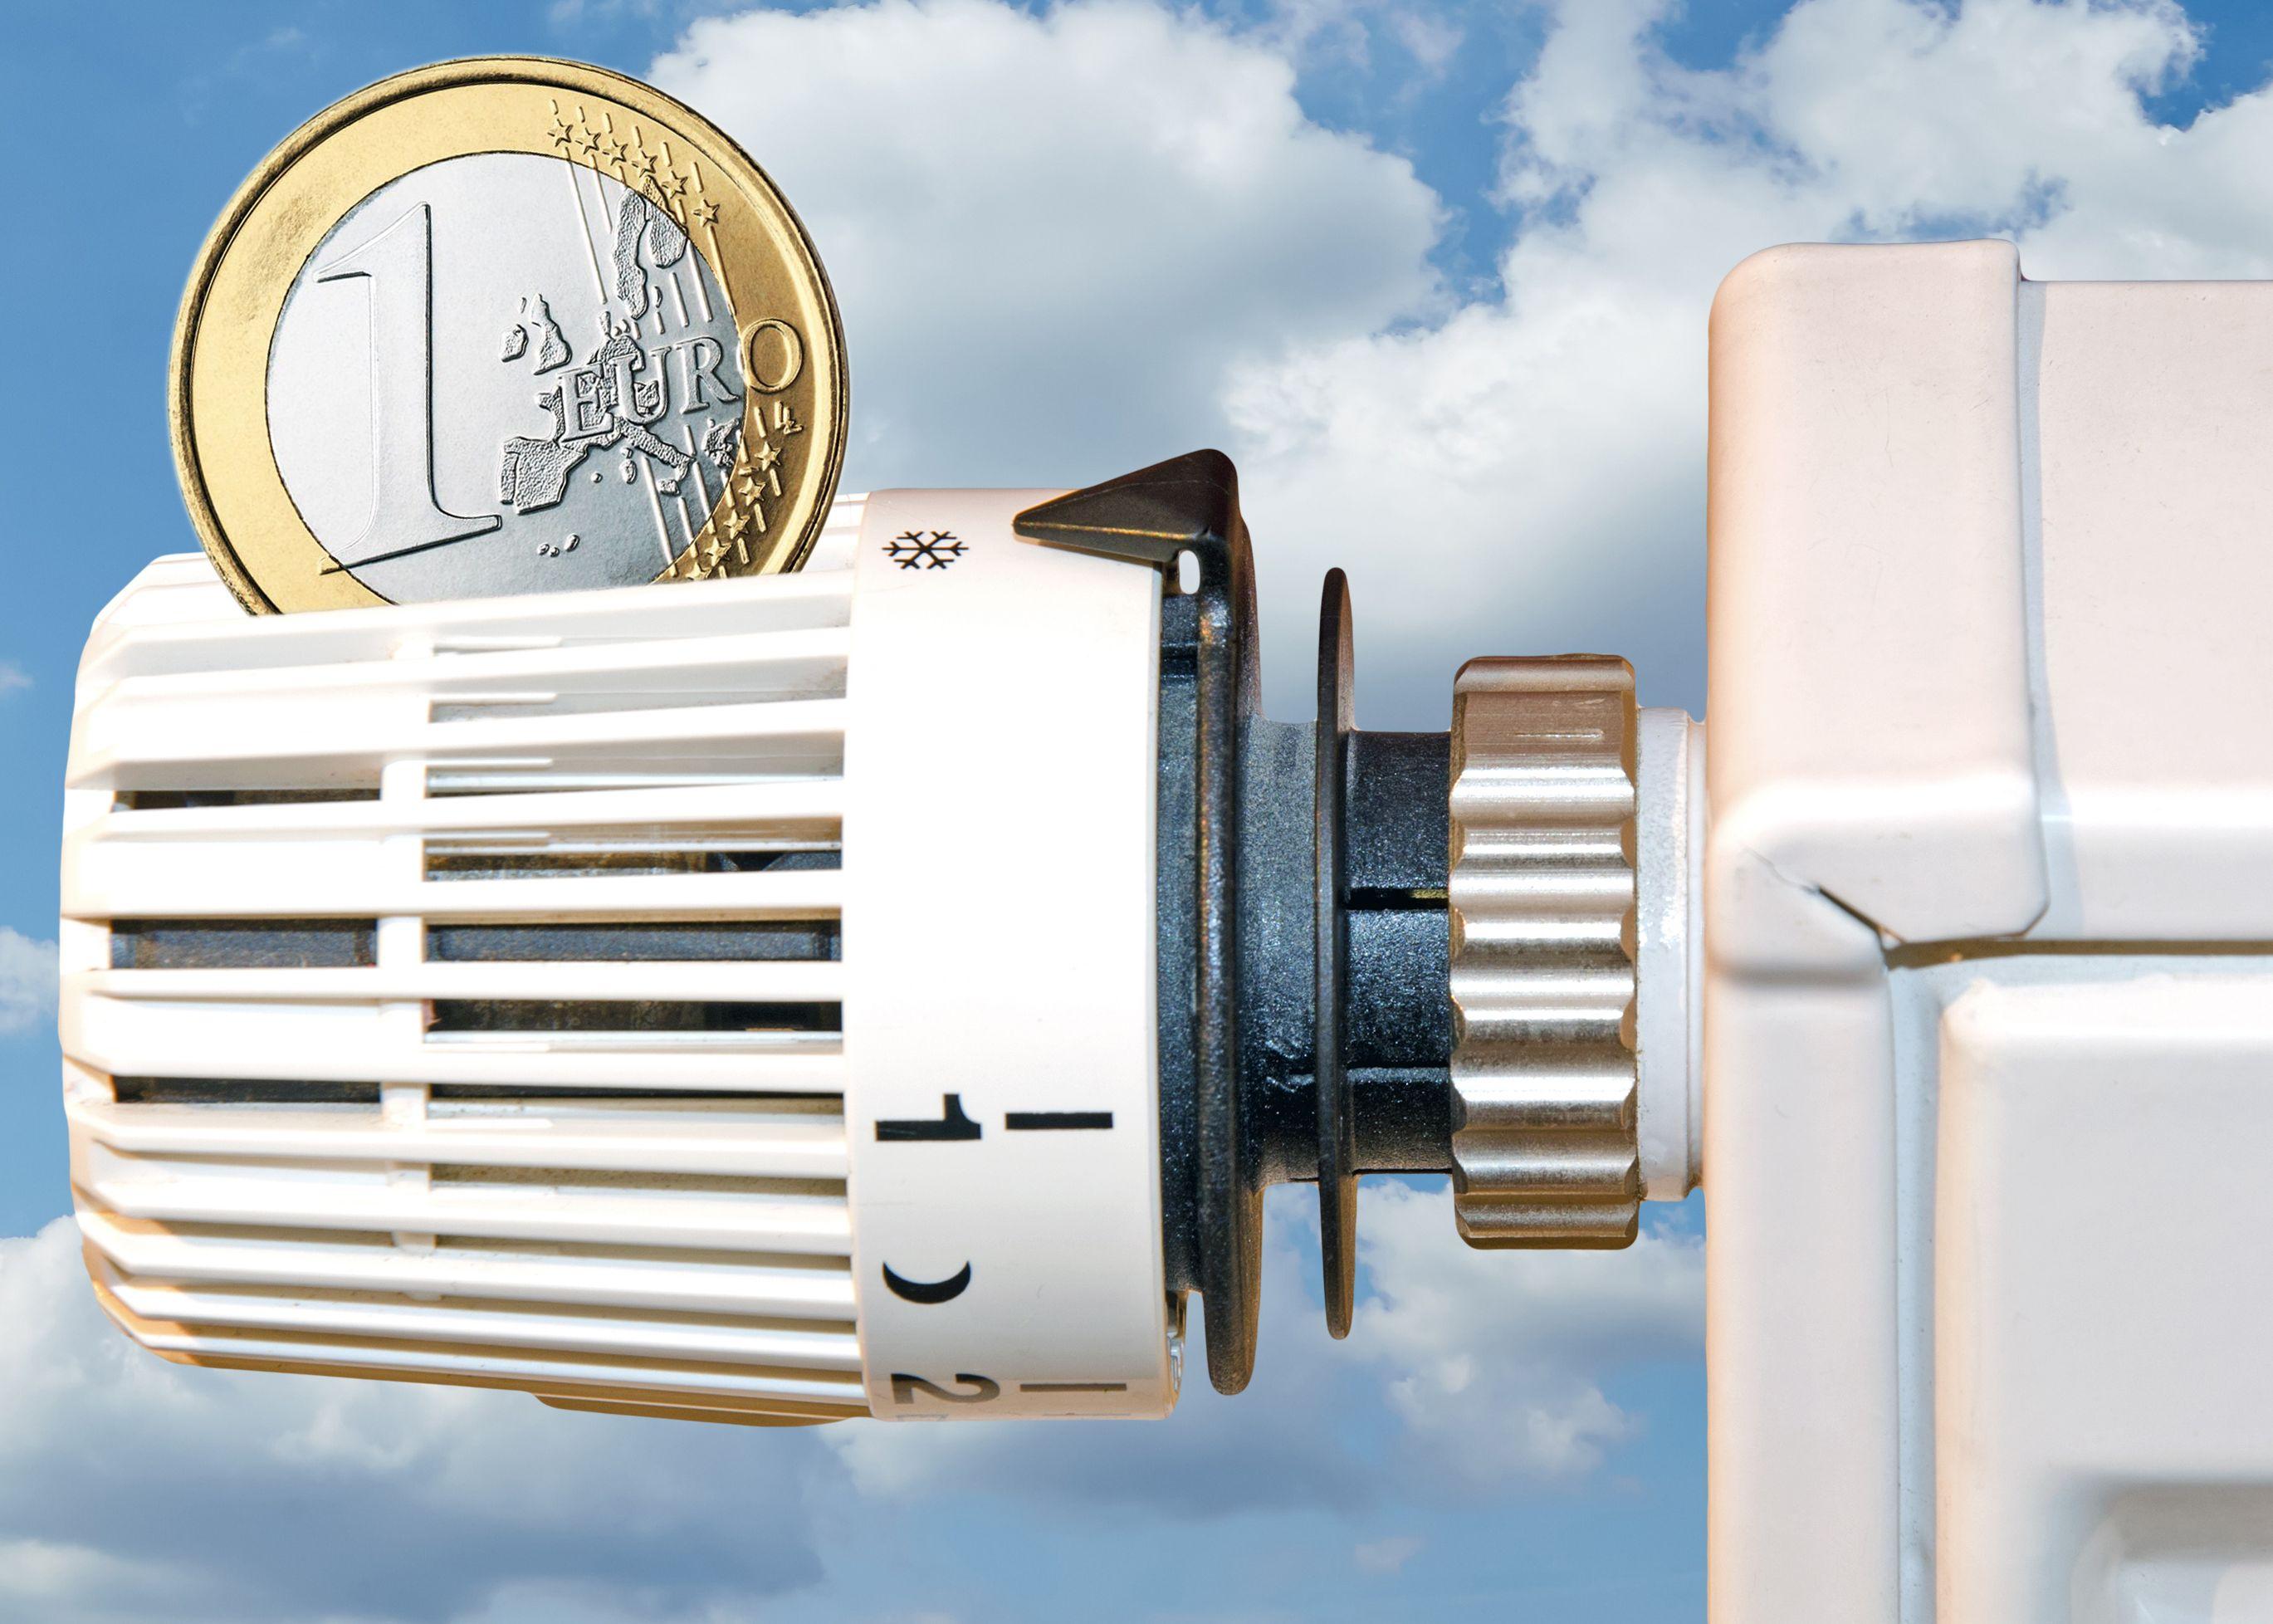 Installazione e manutenzione delle valvole termostatiche for Installazione valvole termostatiche